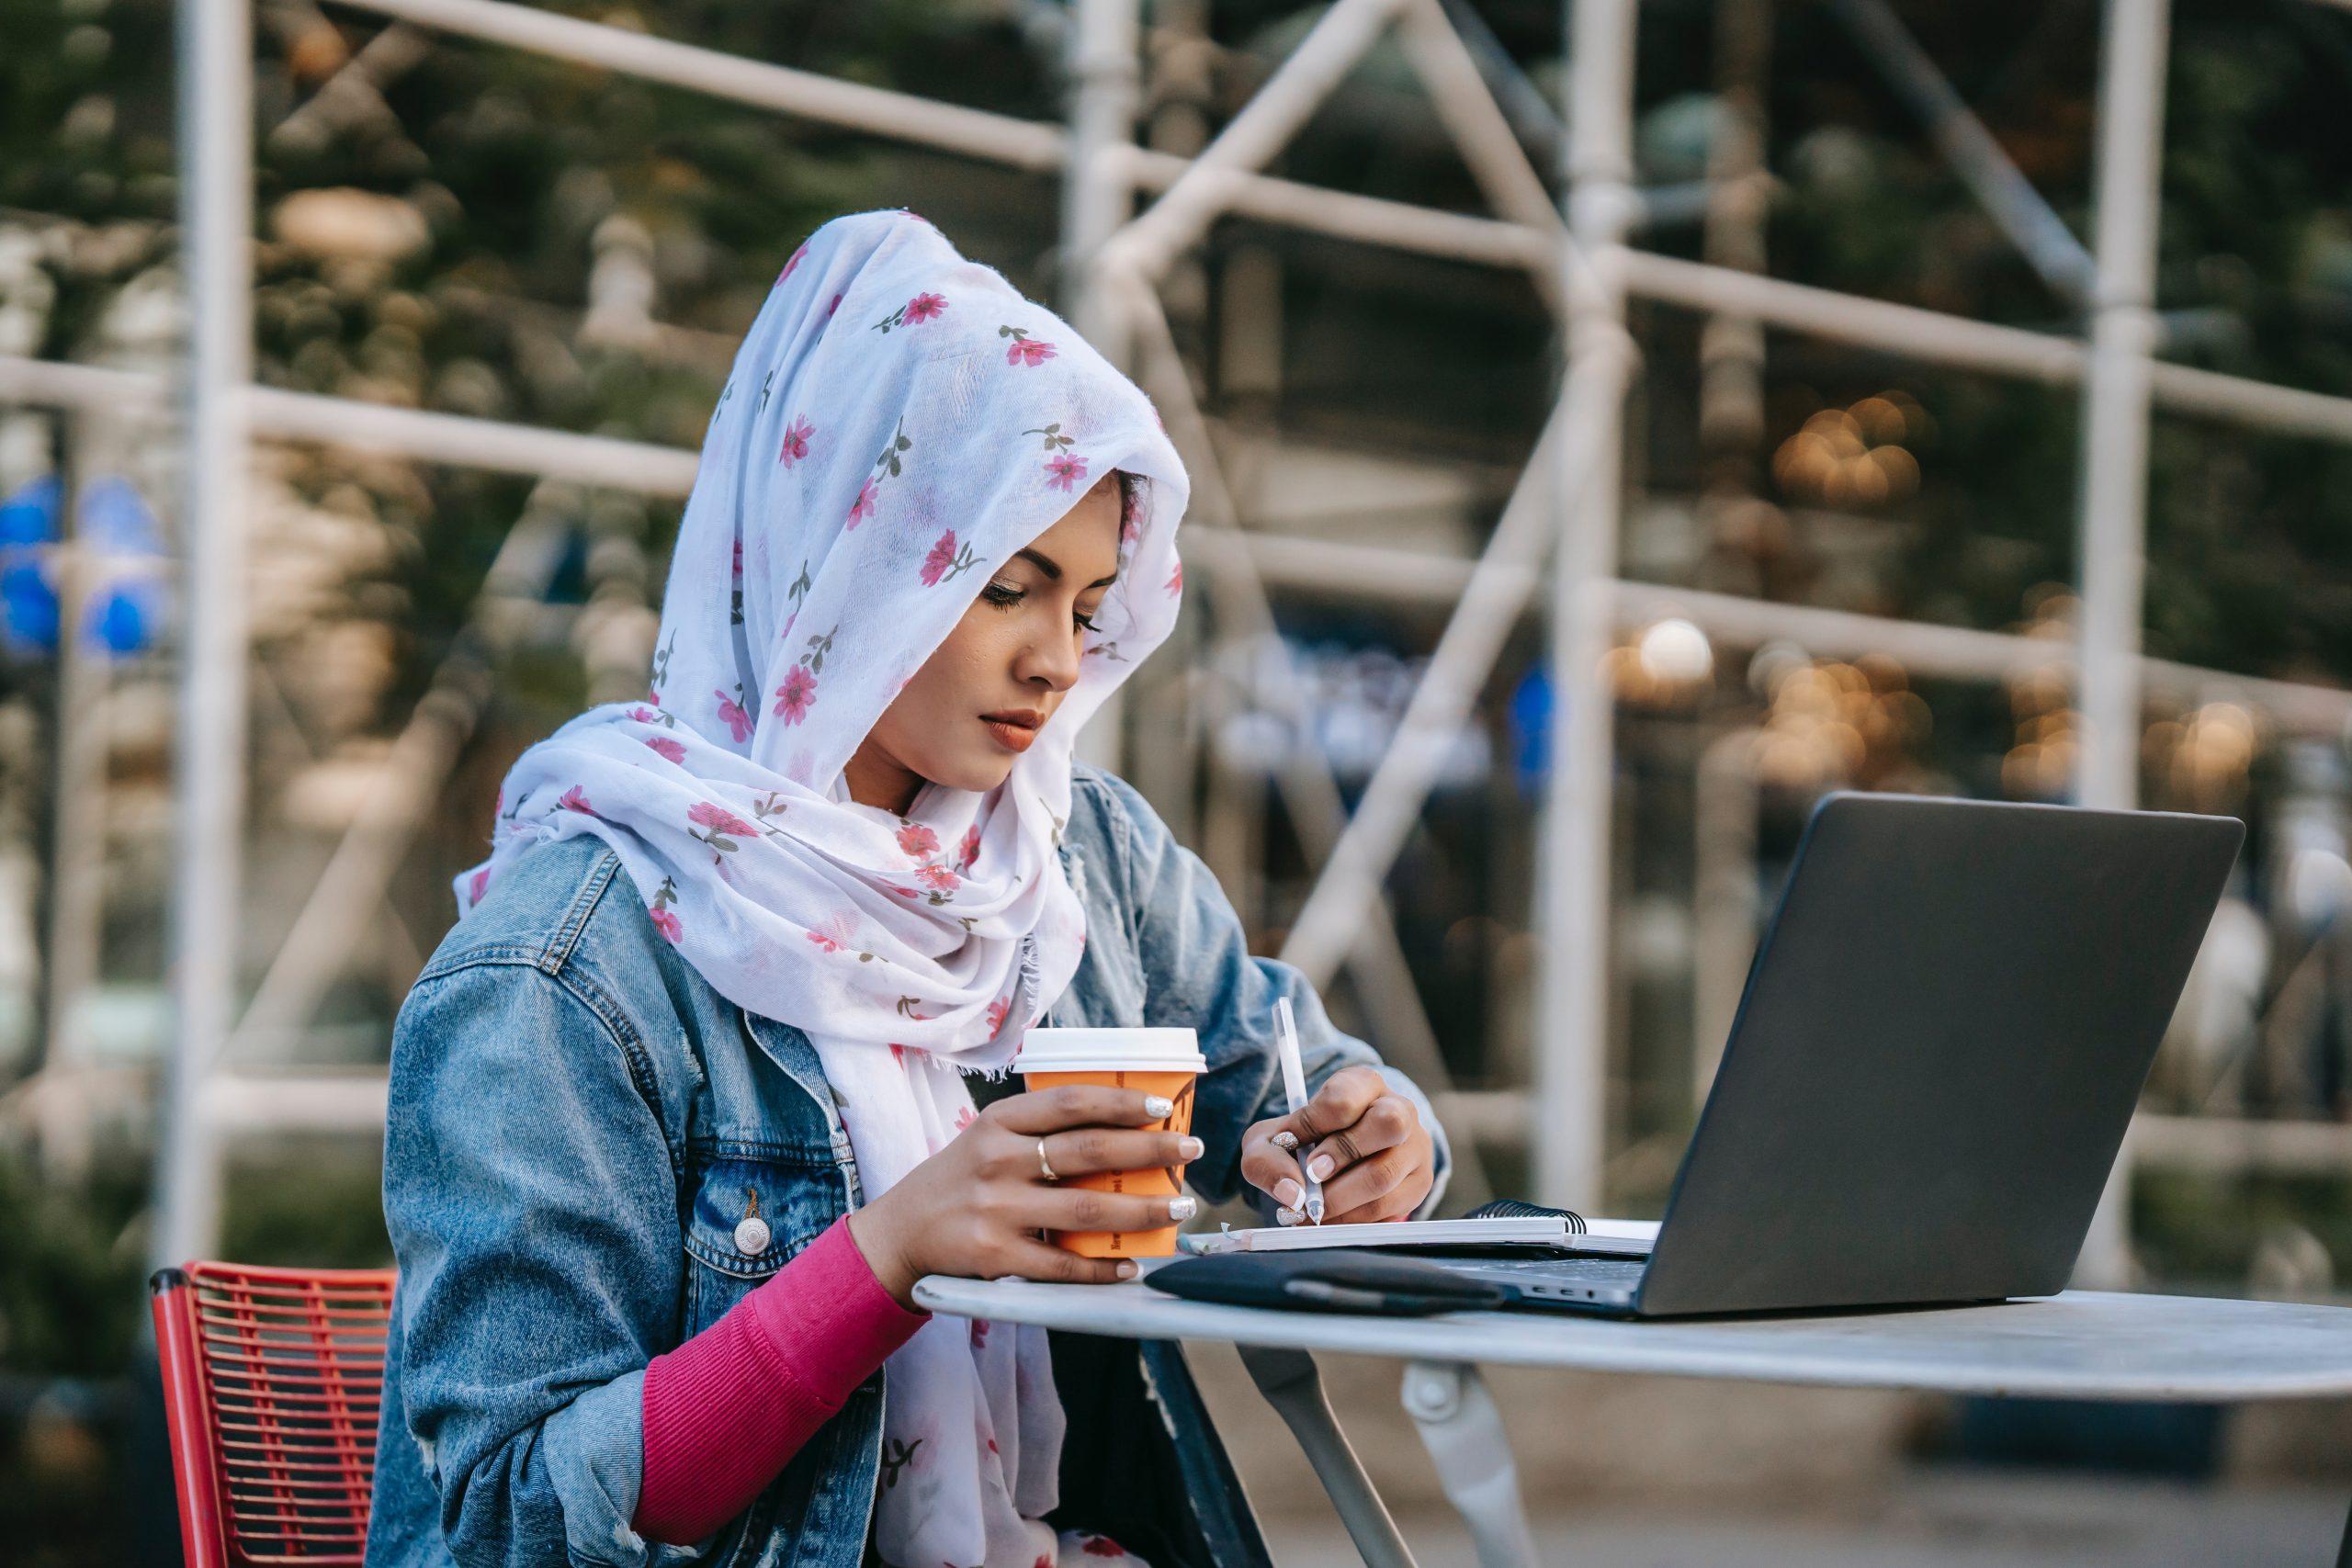 Eine Hijab tragende Frau sitzt mit einem Kaffeebecher in der Hand an einem Tisch und schaut in ihren Laptop.